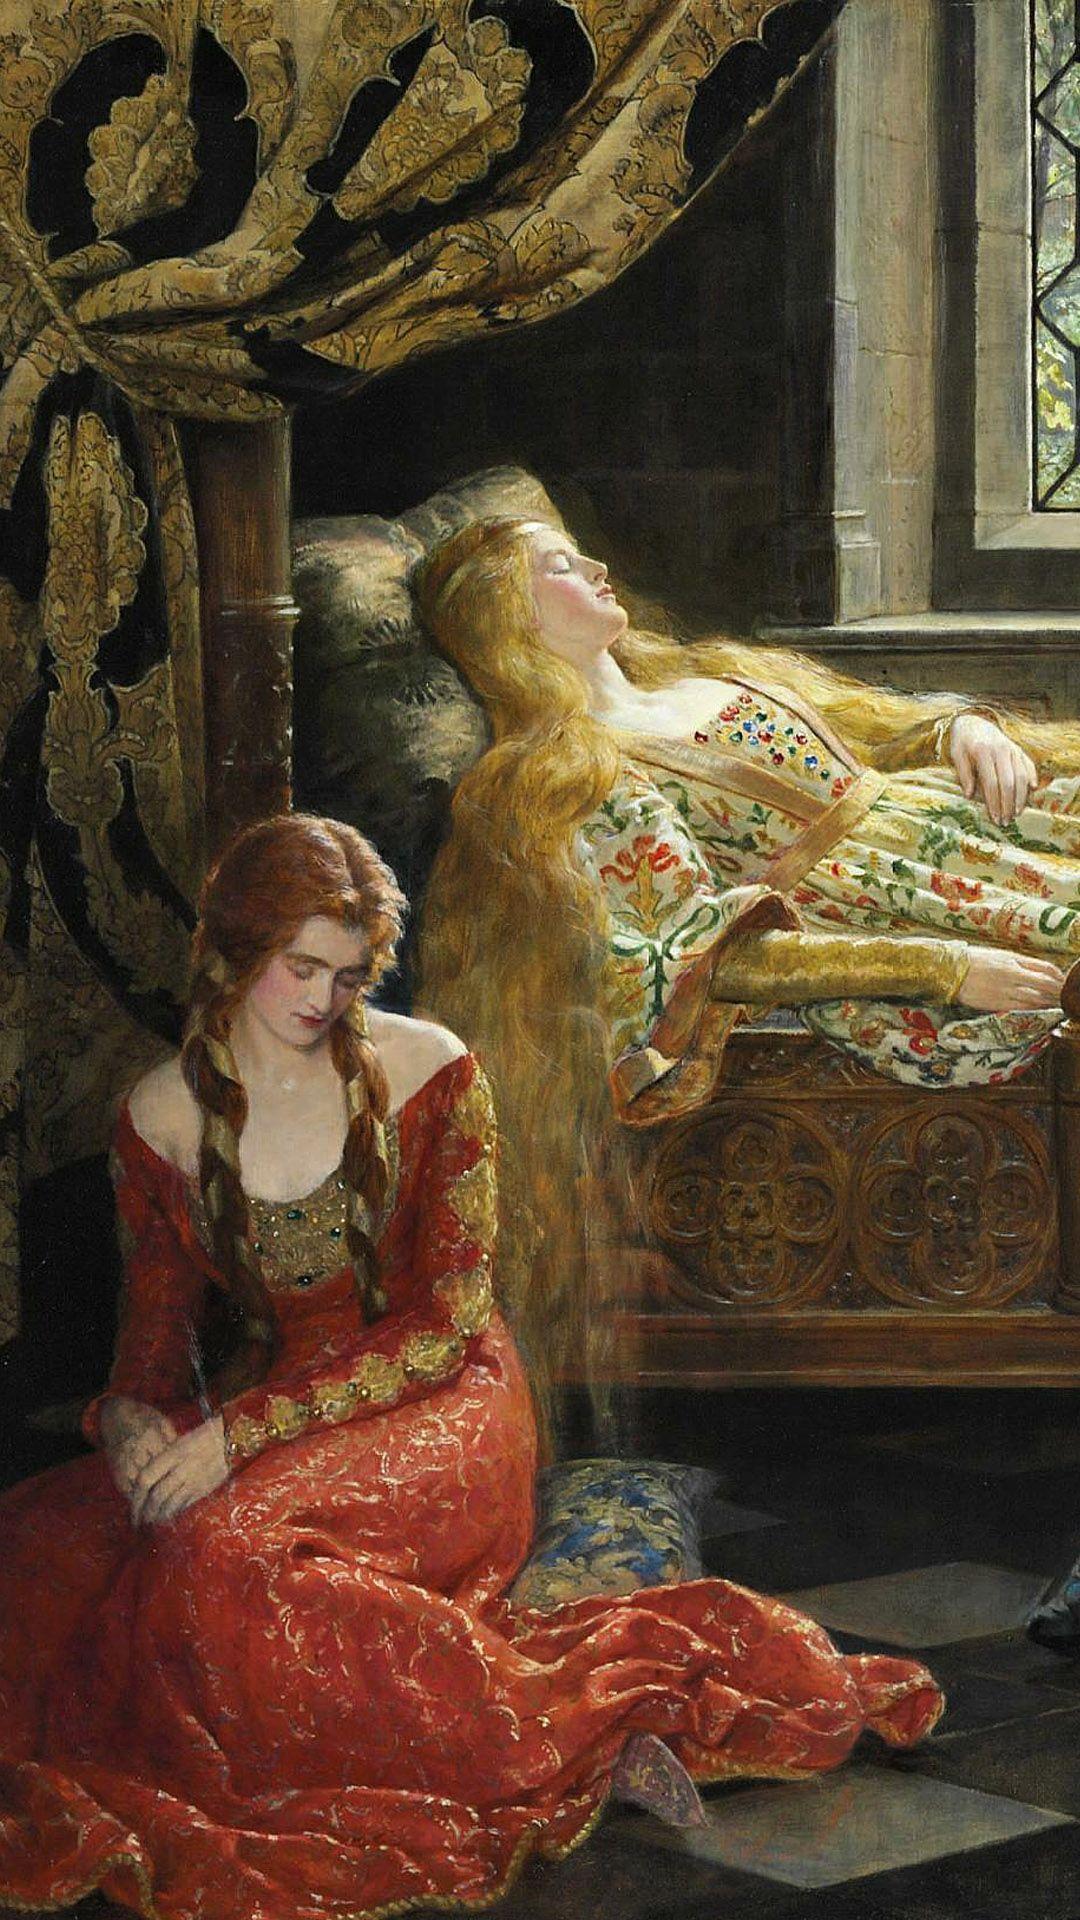 ジョン コリア Sleeping Beauty ポートレイト クラシックアート